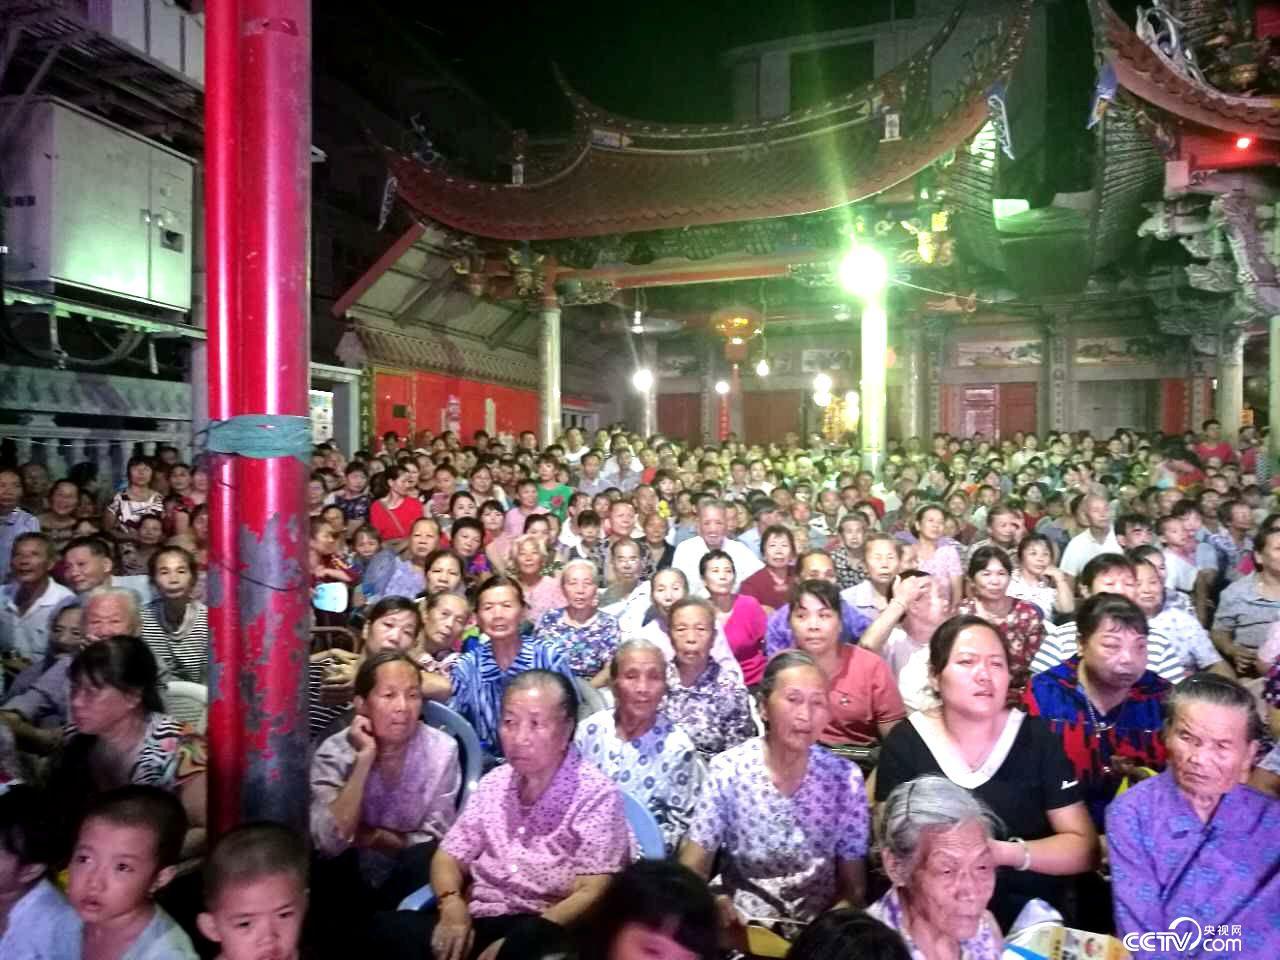 9月22日晚,观看莆仙戏演出的莆田市民。